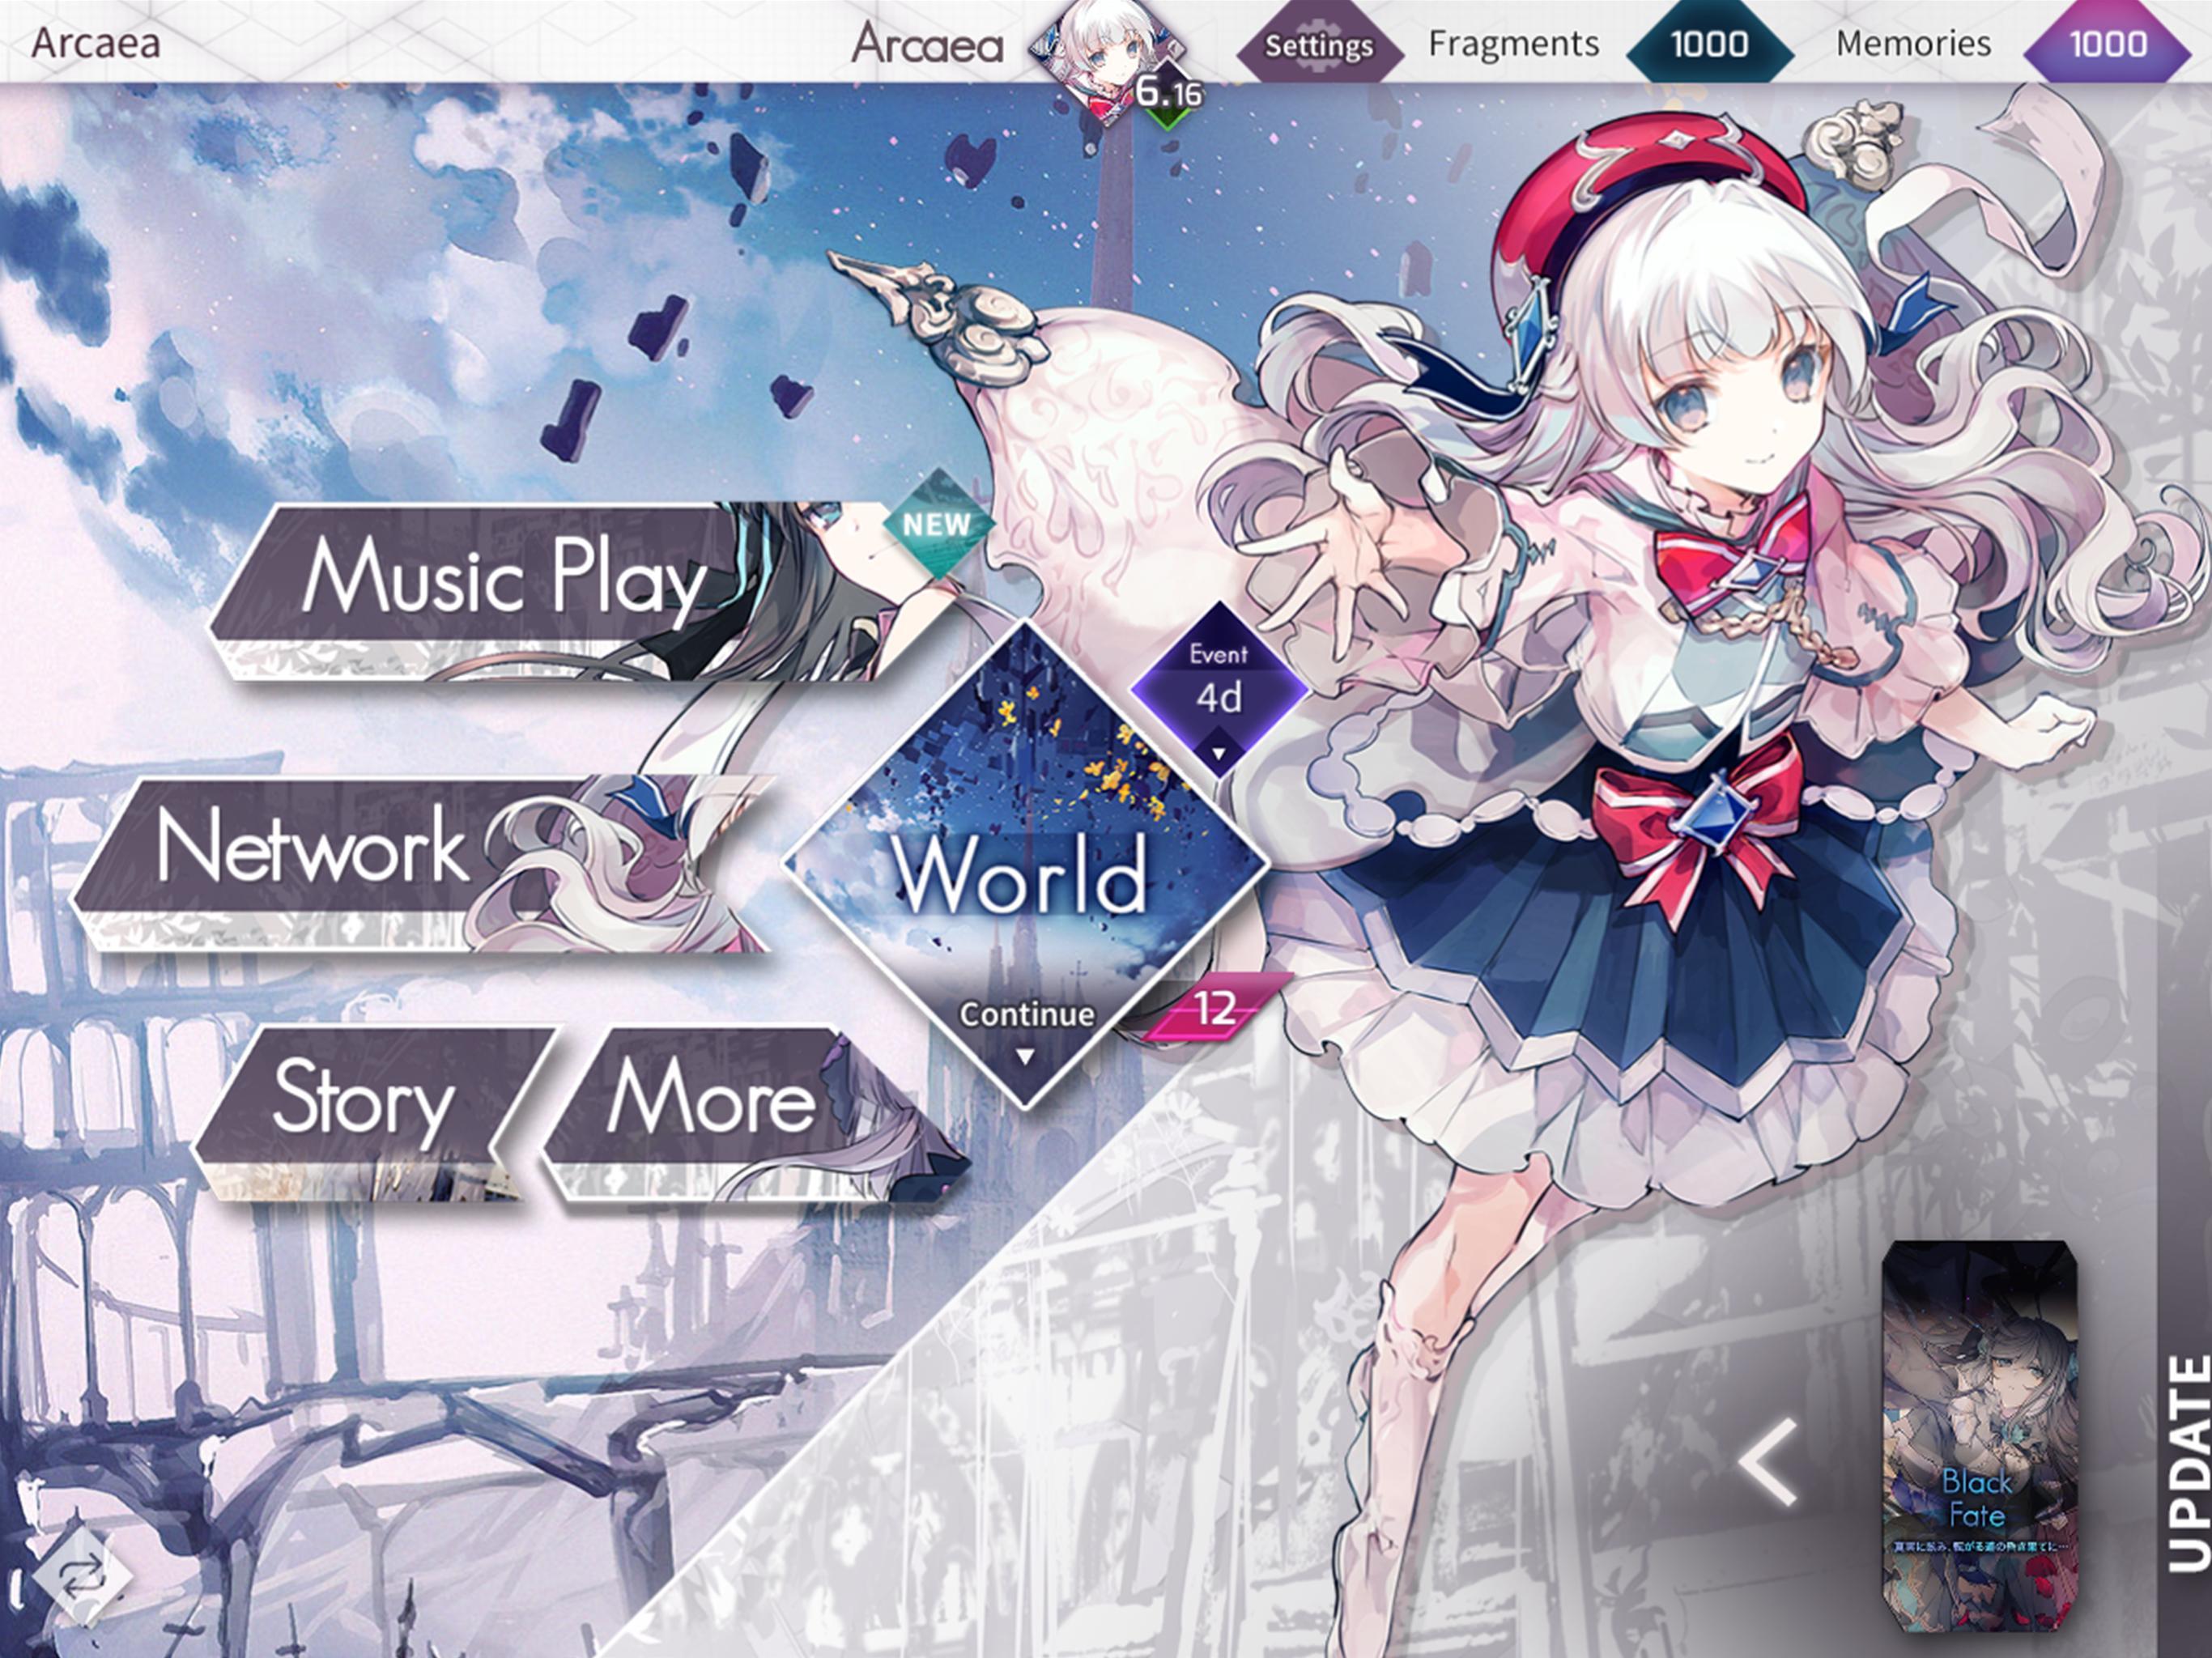 Arcaea New Dimension Rhythm Game 3.2.4 Screenshot 11